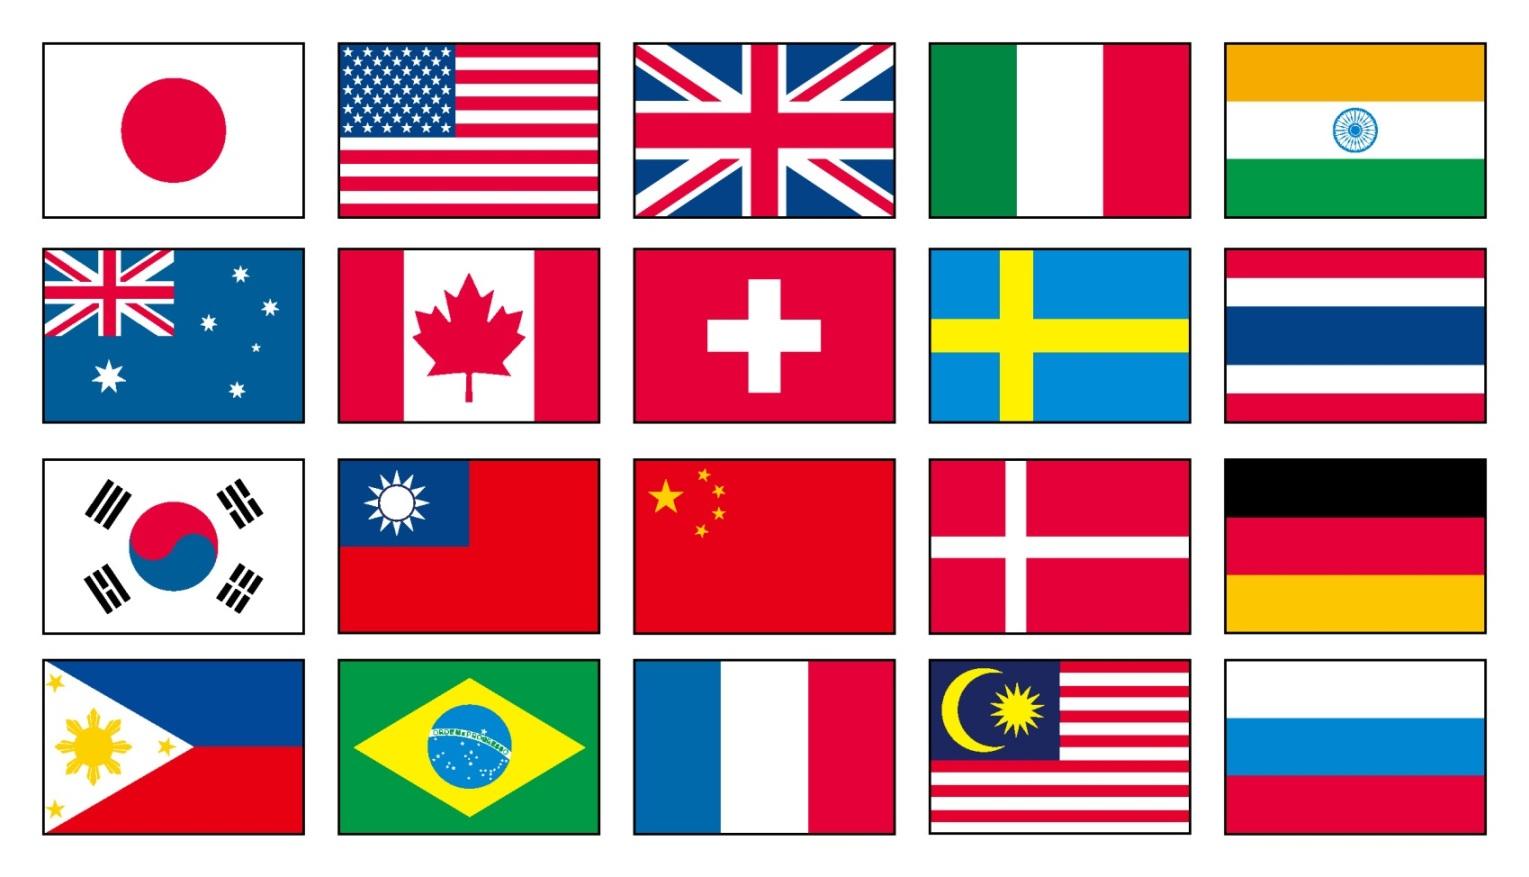 オリンピック表彰式でも流れる ... : 国旗一覧表 : すべての講義